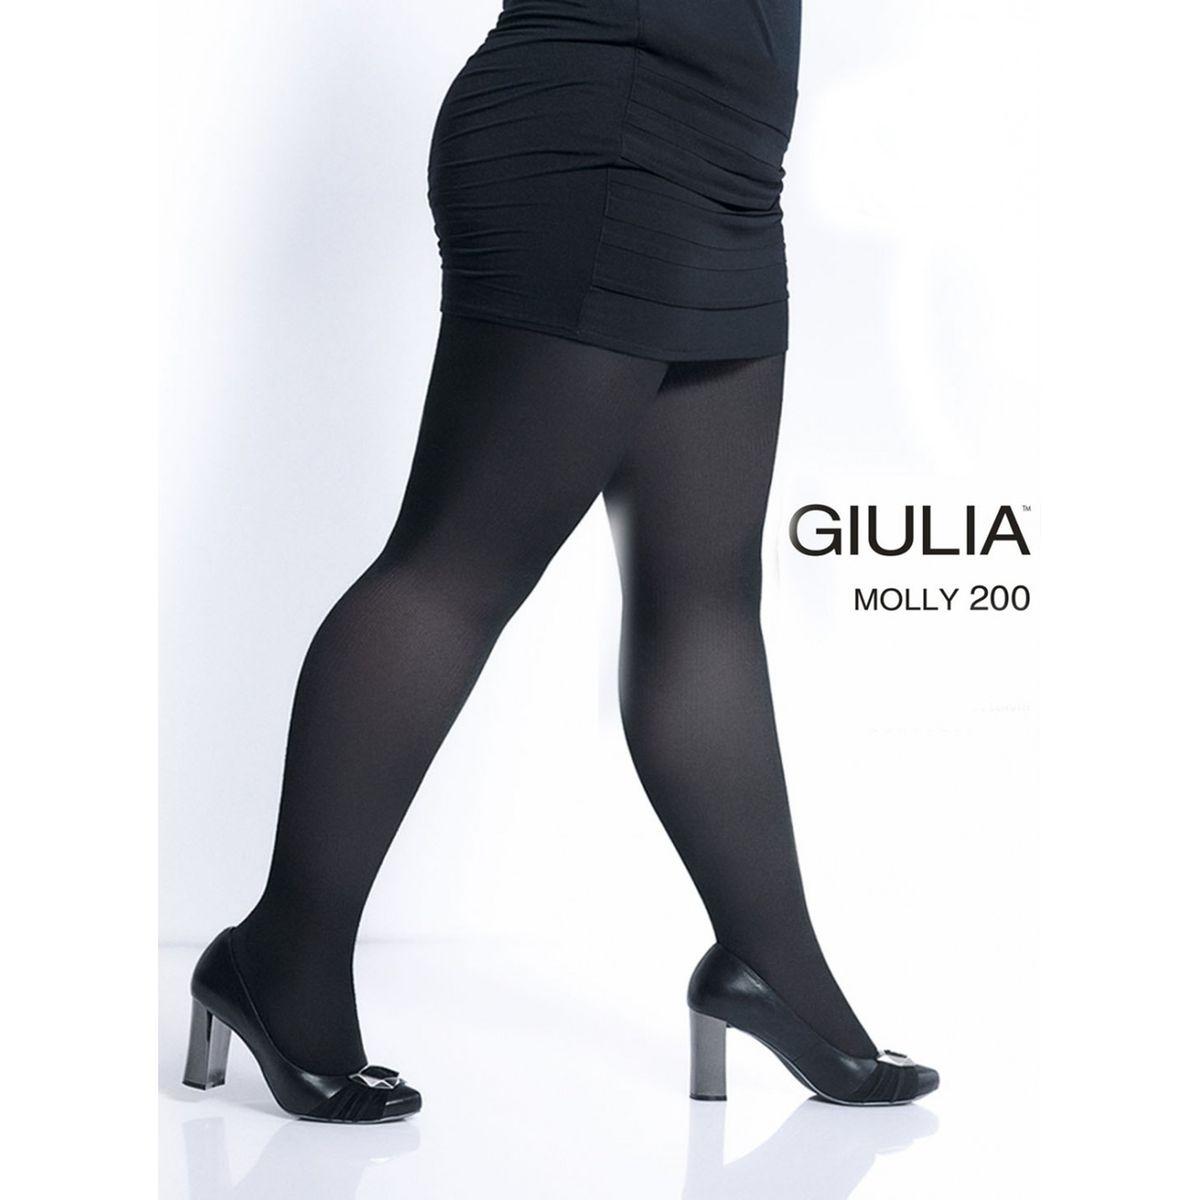 Collant GIULIA Molly 200 D